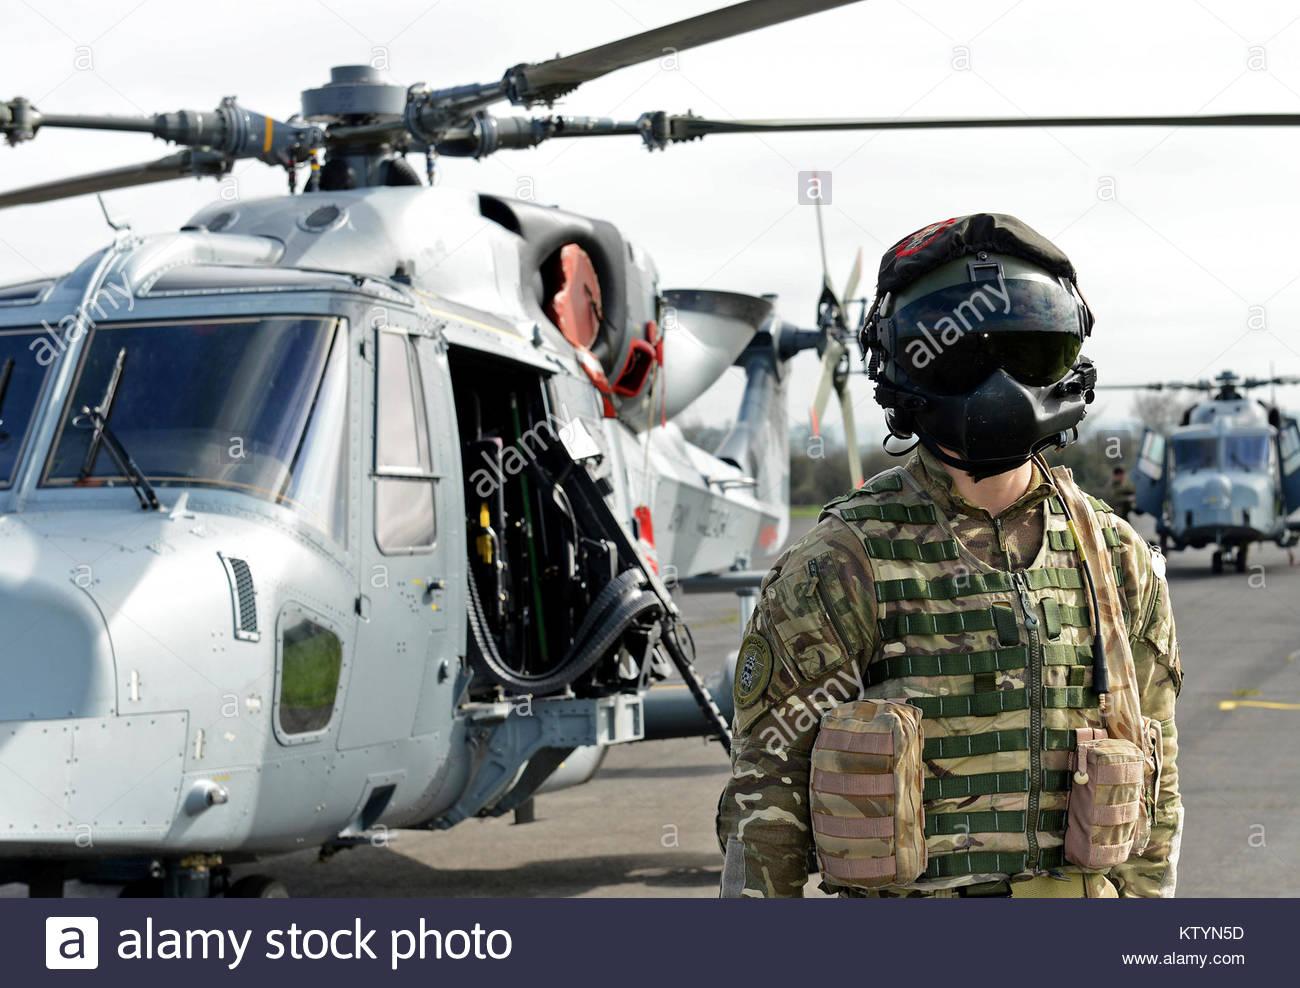 L Elicottero Posizione : Nella foto è un esercito aria corps aac wildcat mk elicottero e